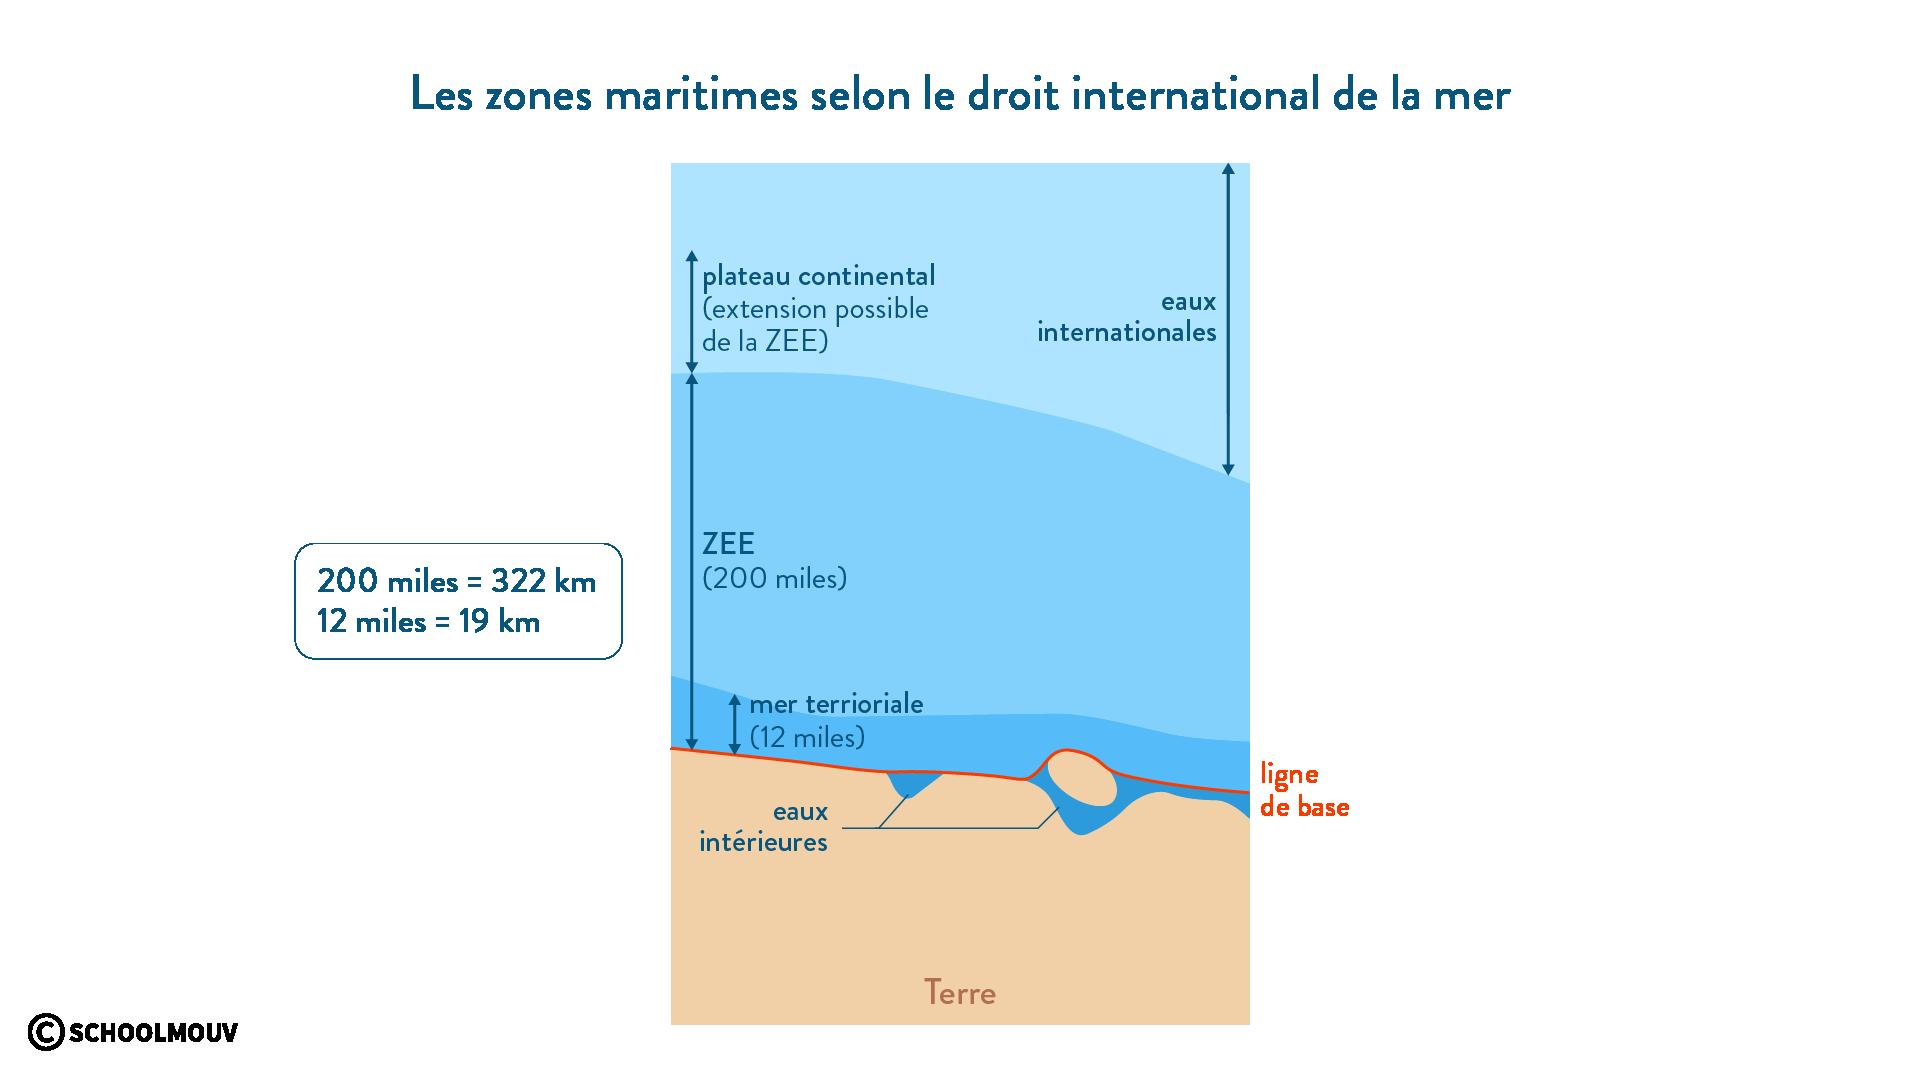 Les zones maritimes selon le droit international de la mer - géographie - SchoolMouv - 2de